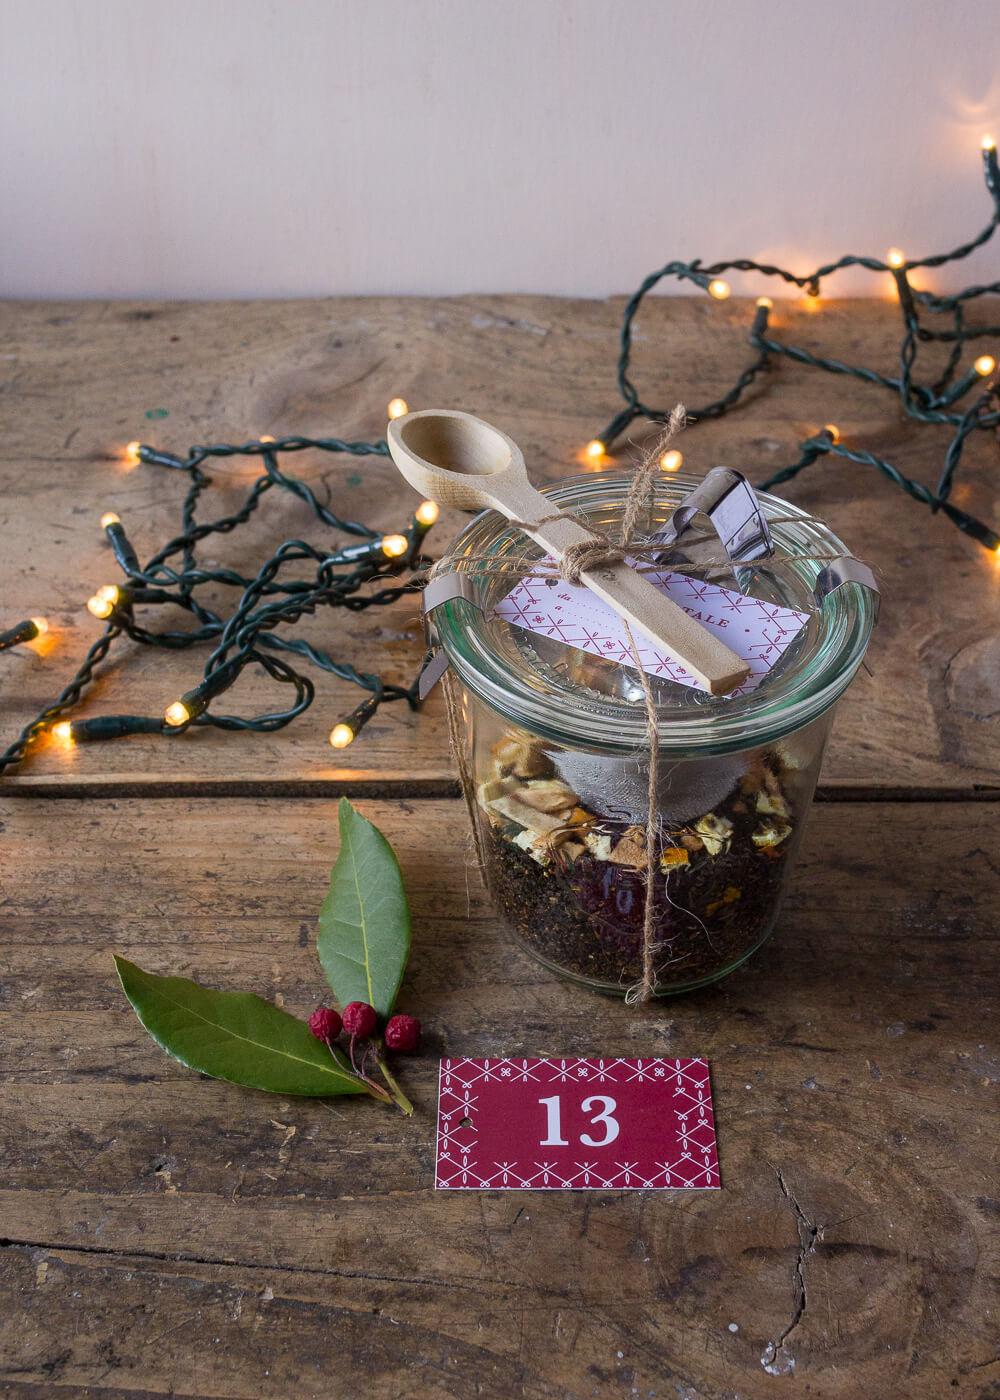 Calendario dell'Avvento - Regali di Natale homemade - Un Natale di tradizioni - Lily&SageDesign